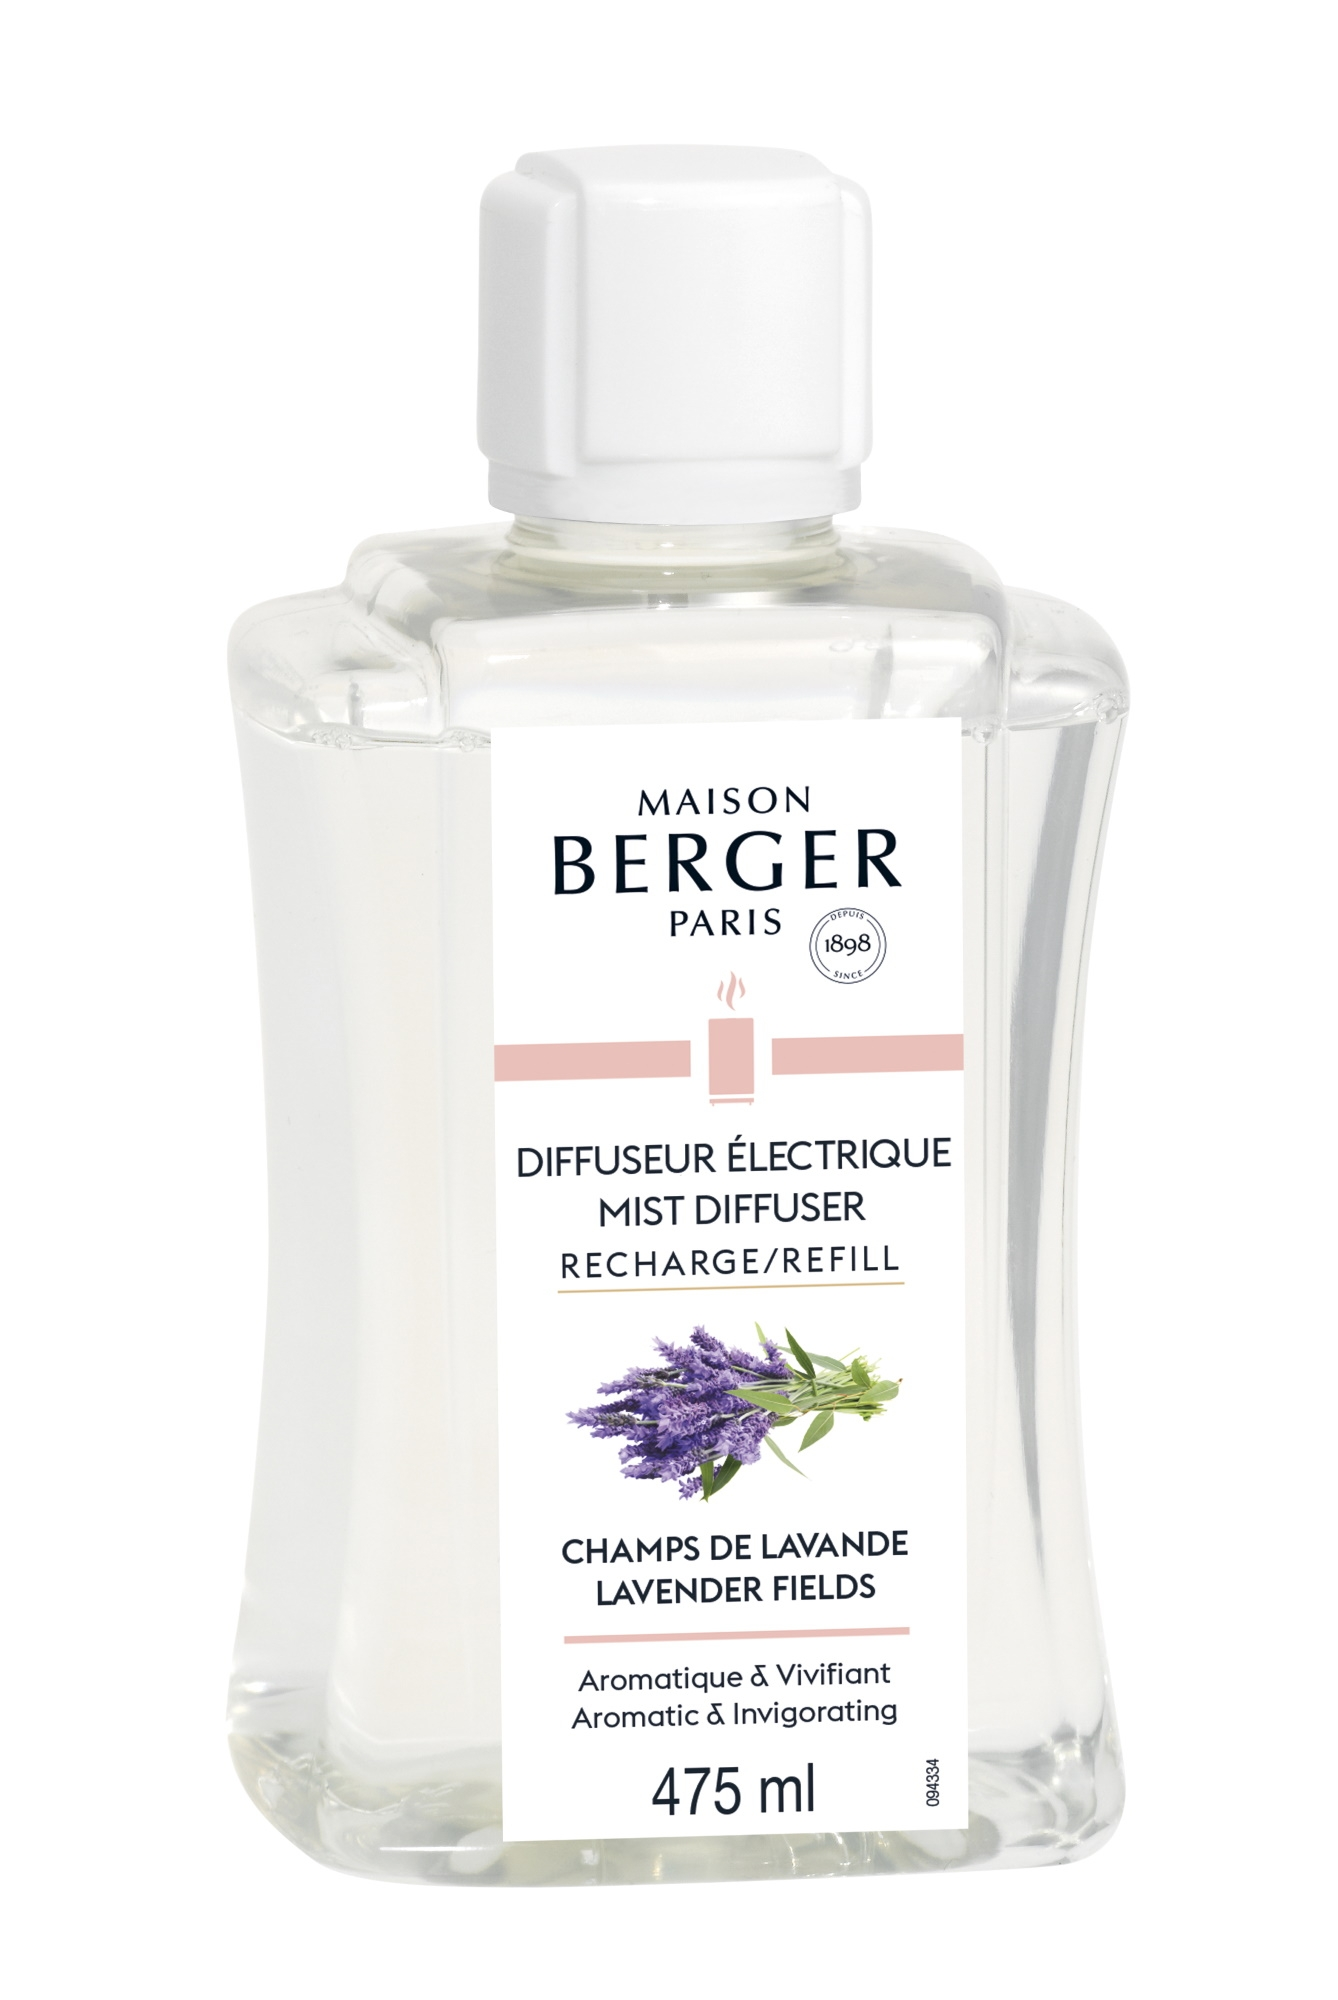 Parfum pentru difuzor ultrasonic Berger Champs de Lavande 475ml